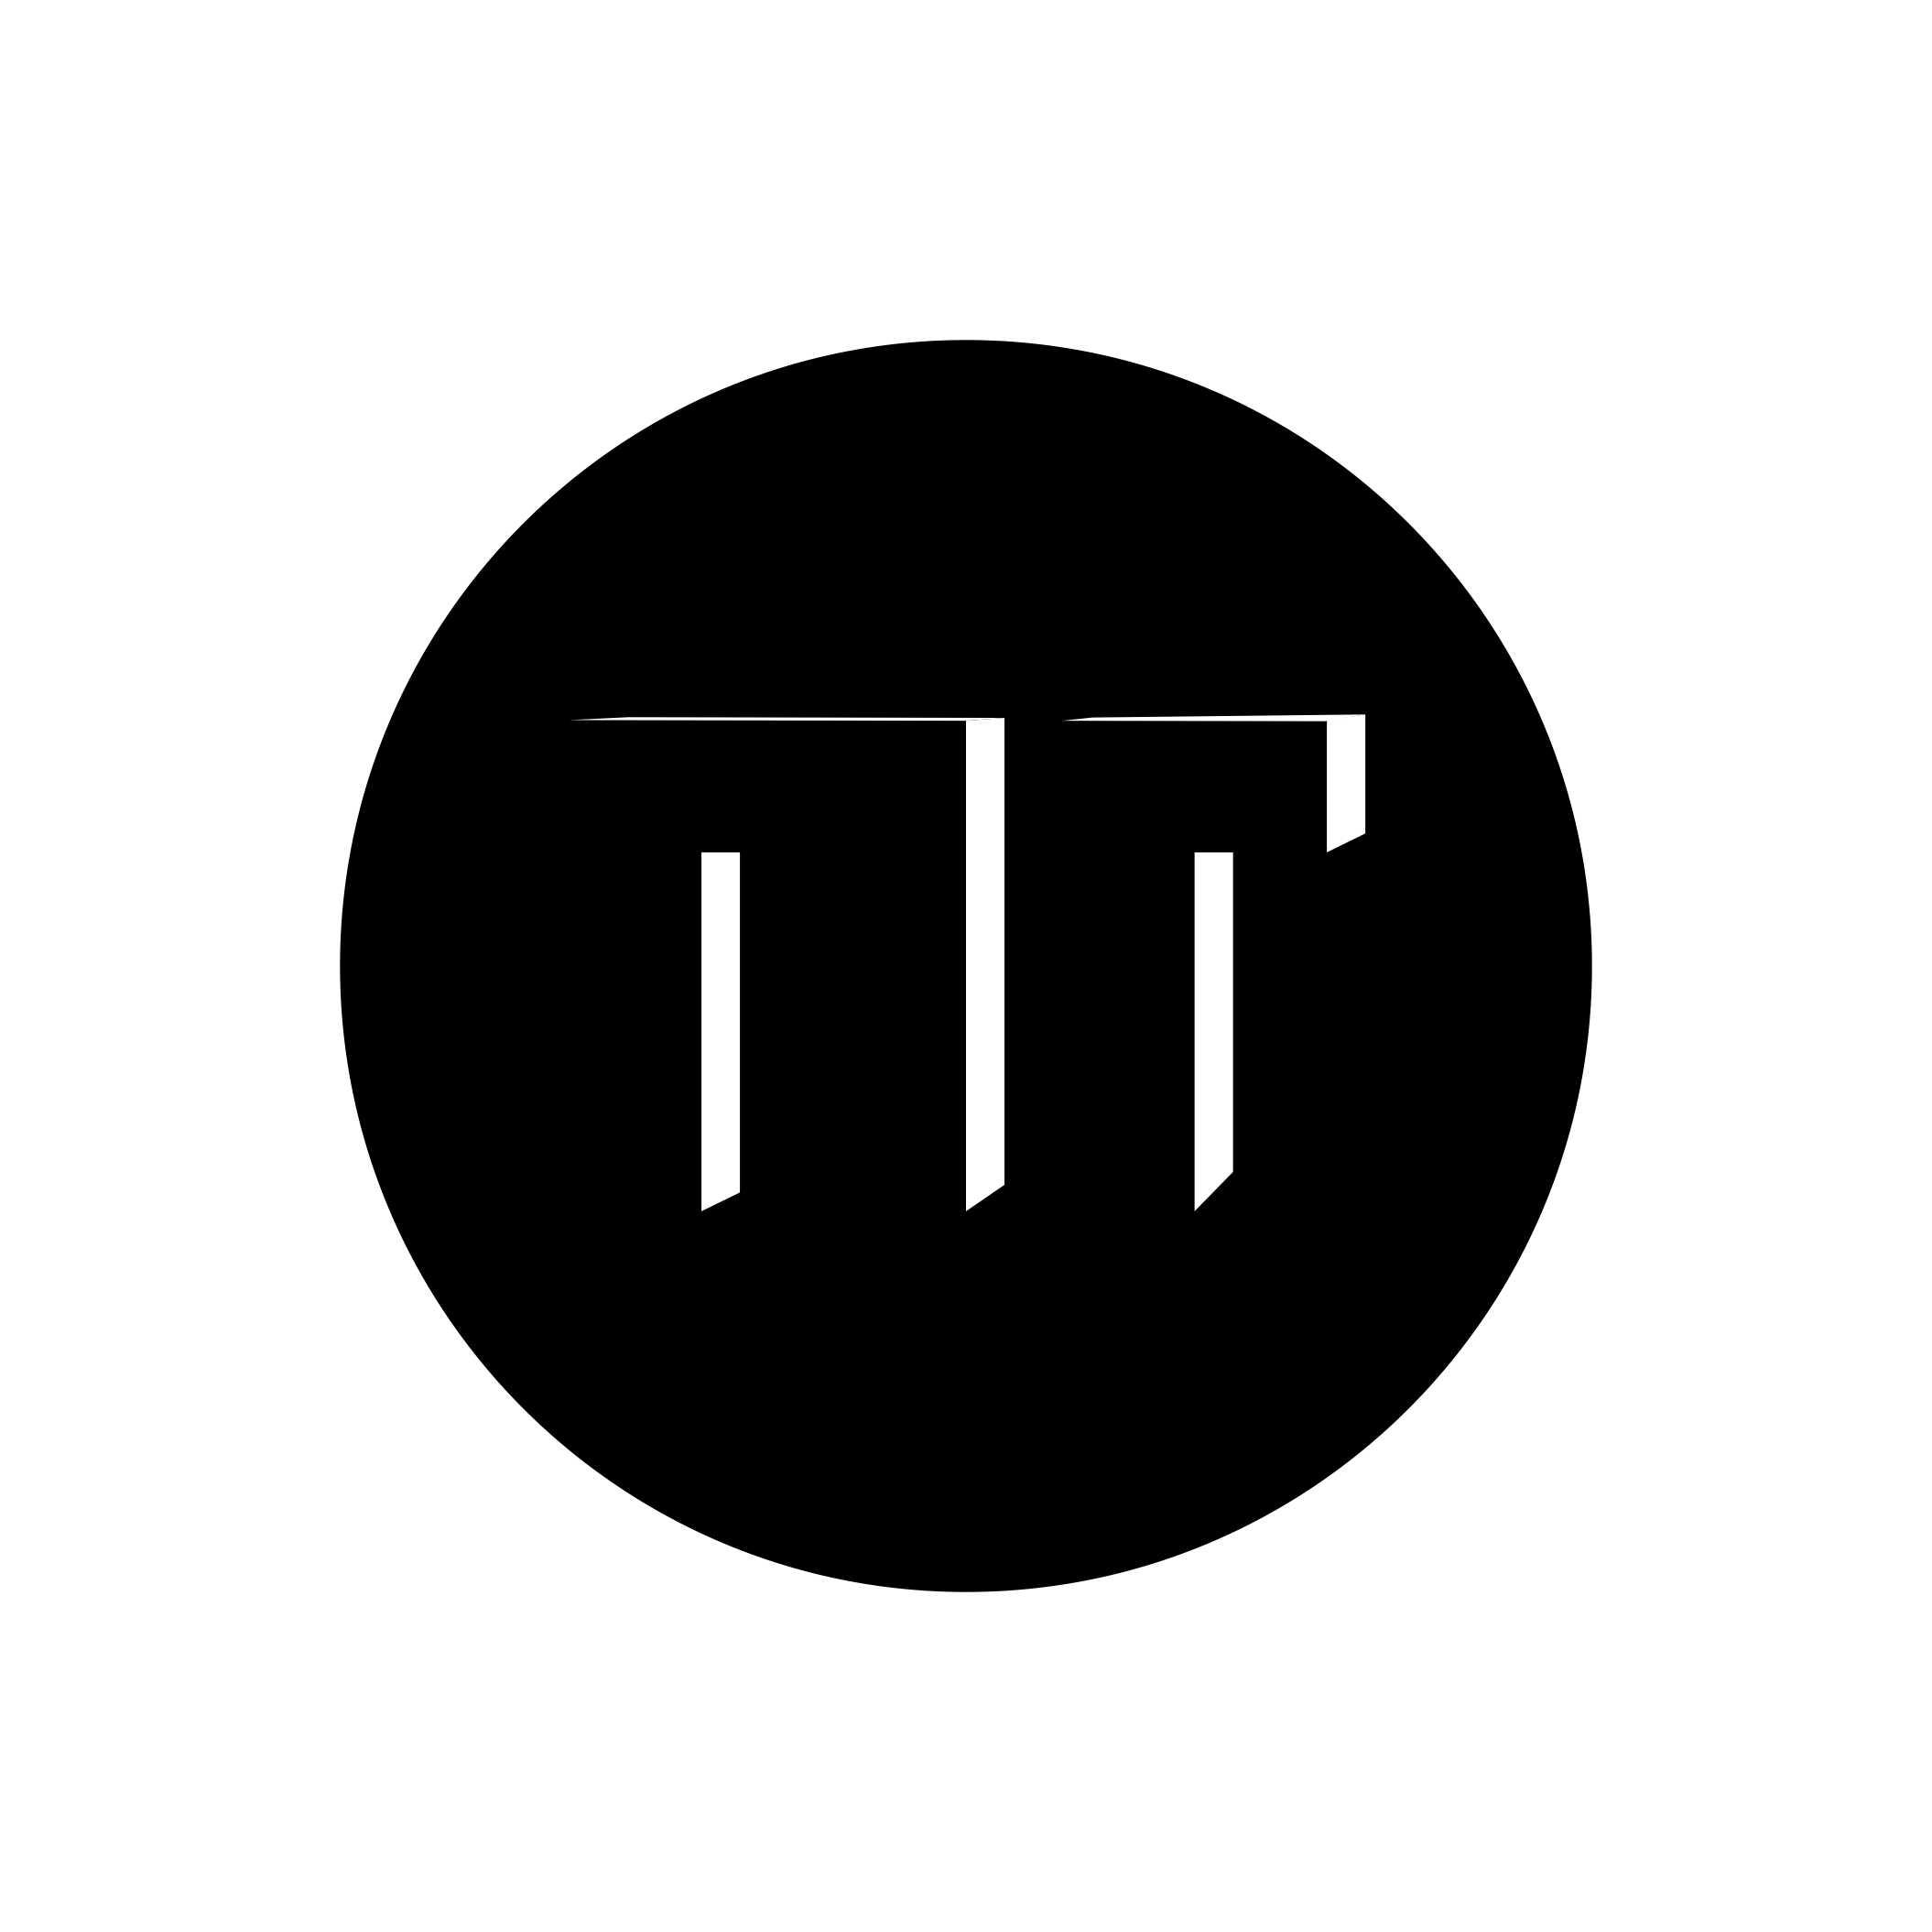 Логотип для Крафтовой Пивоварни фото f_4925cb1aece901f3.jpg